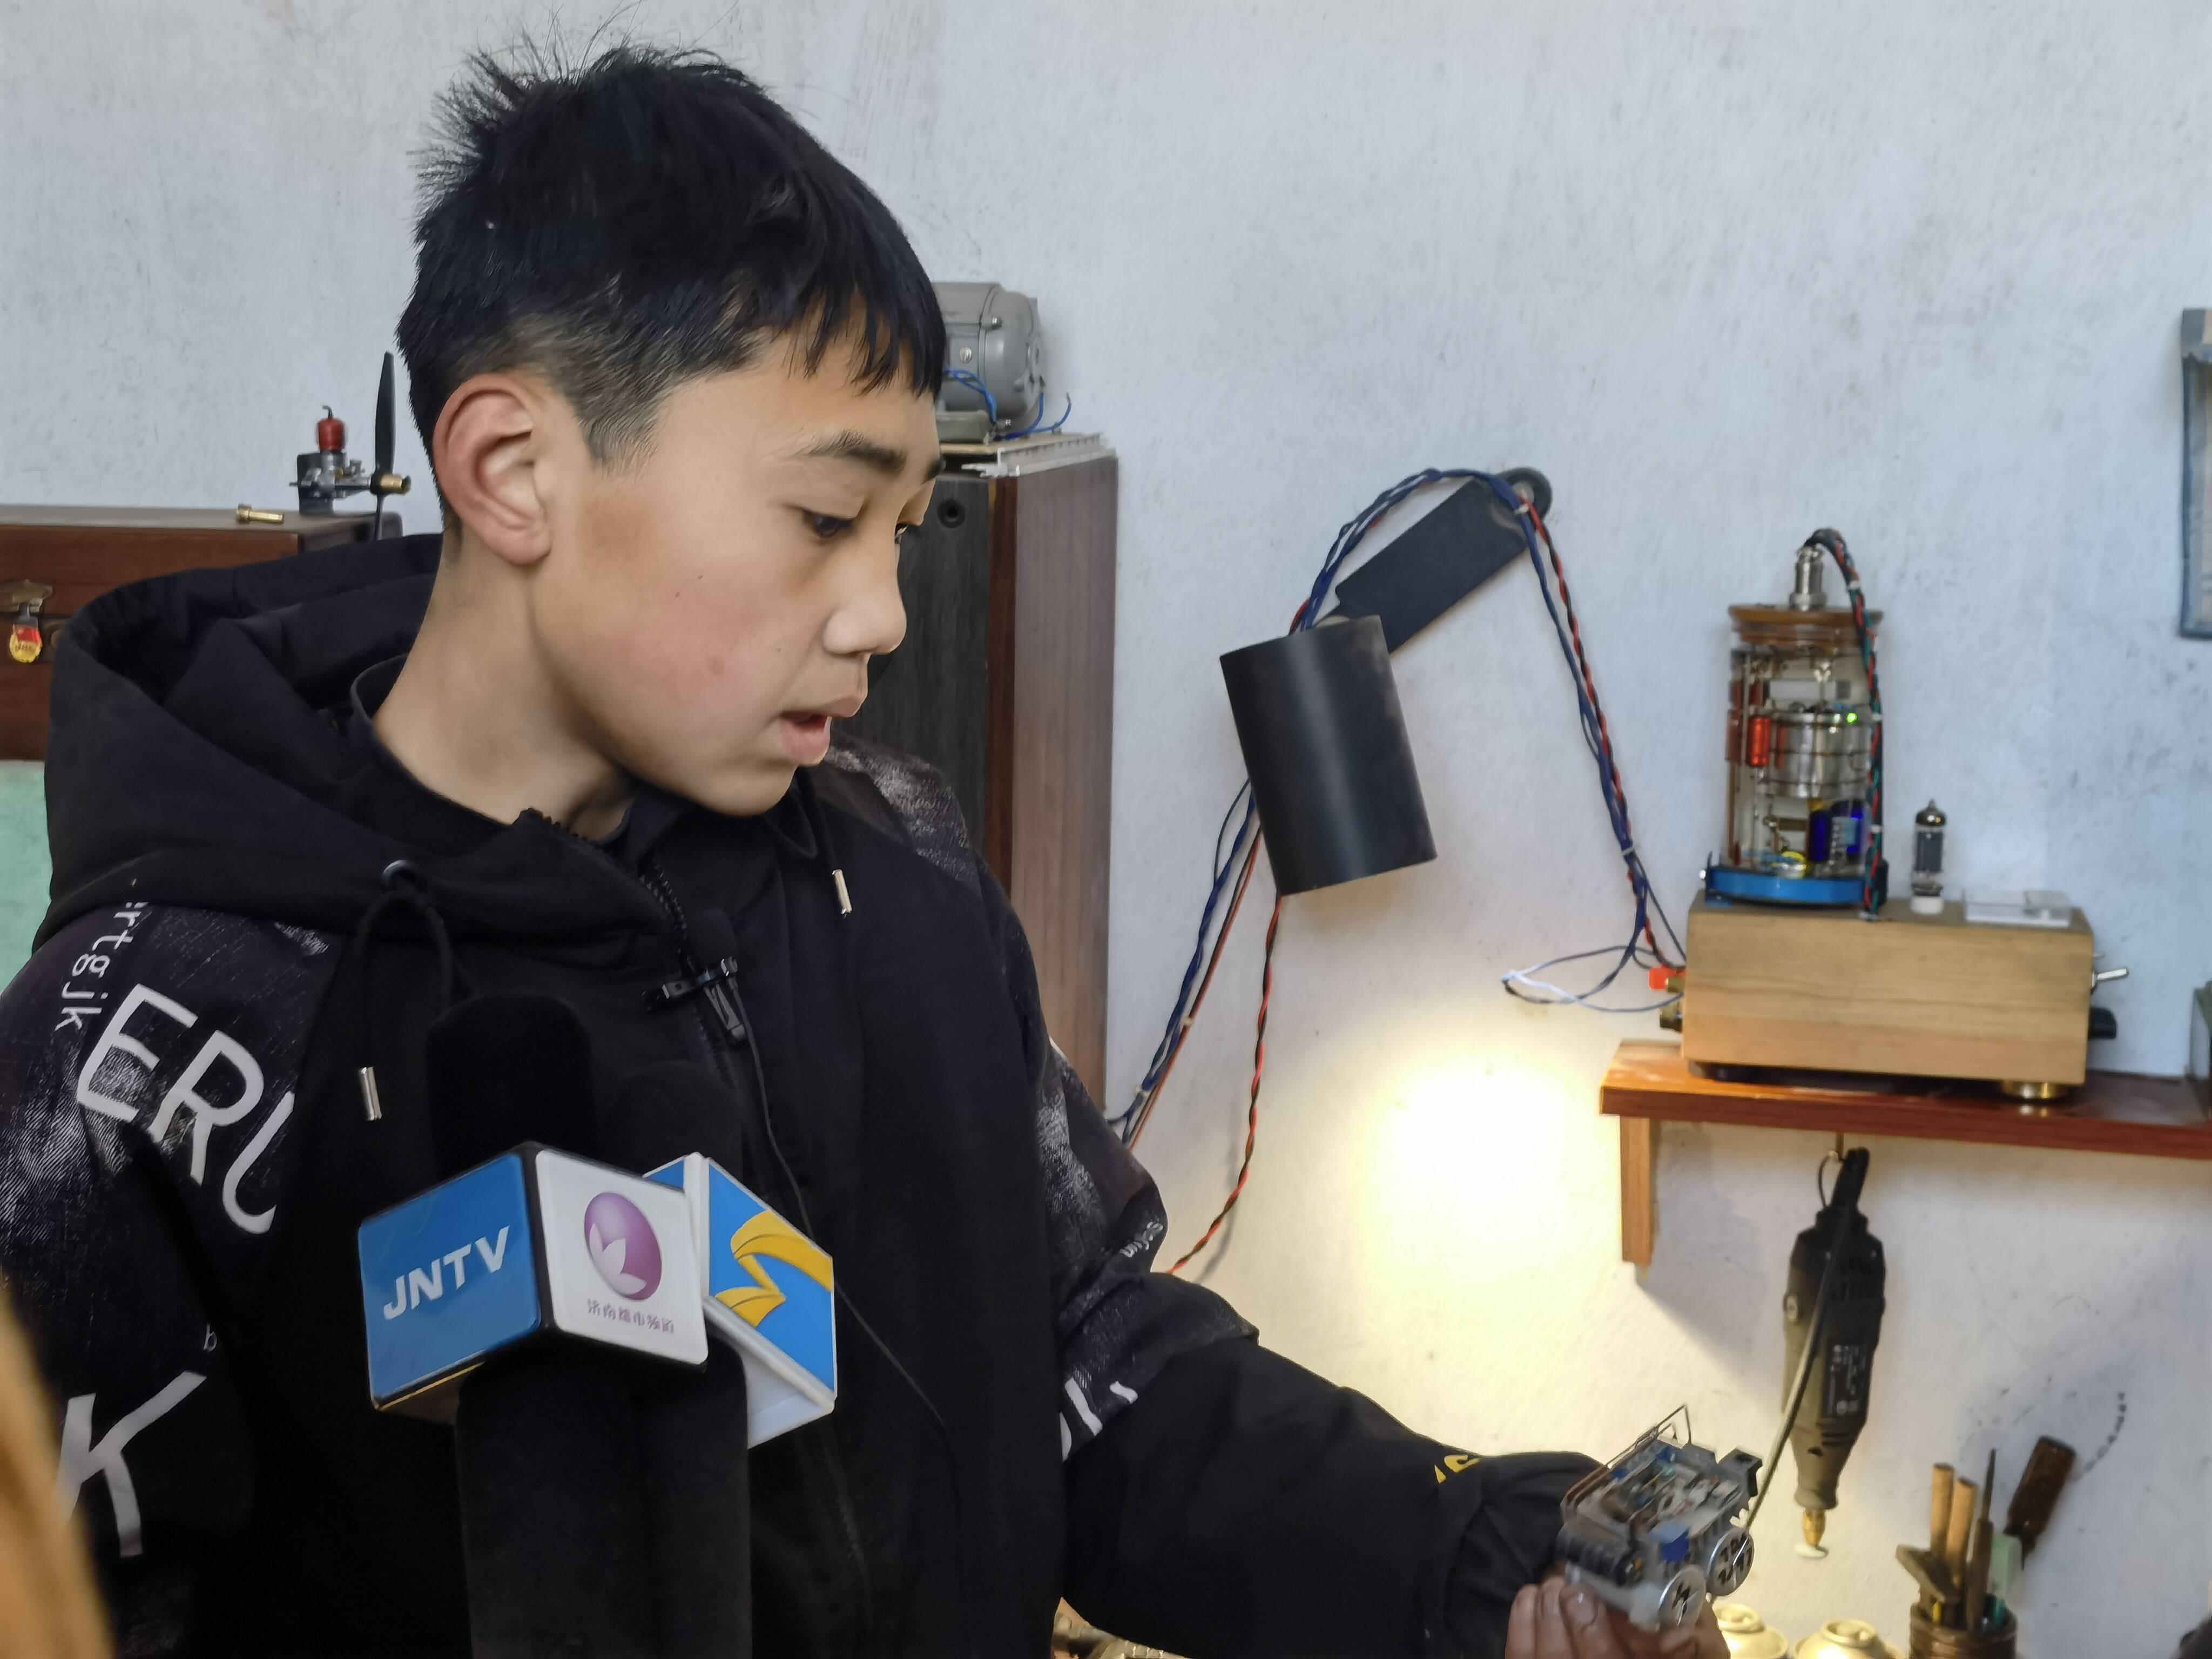 15天自制一辆车!济南15岁少年的梦想是造一架载人飞机